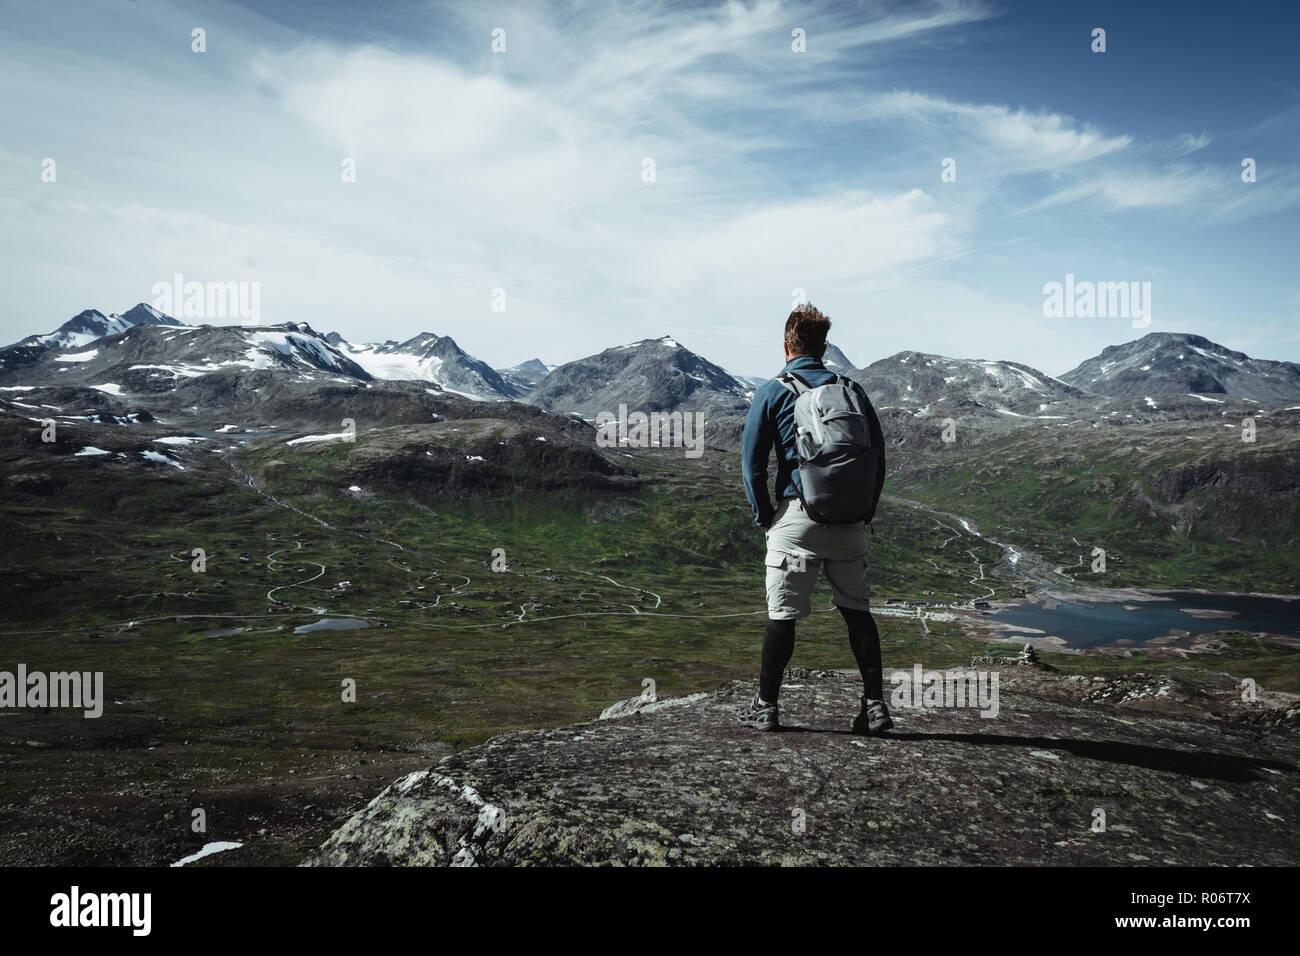 Randonneur l'homme avec un sac à dos sur le pic haut. Concept d'un sentiment d'accomplissement. Randonnée dans le parc national de Jotunheimen Oppland, Norvège Photo Stock